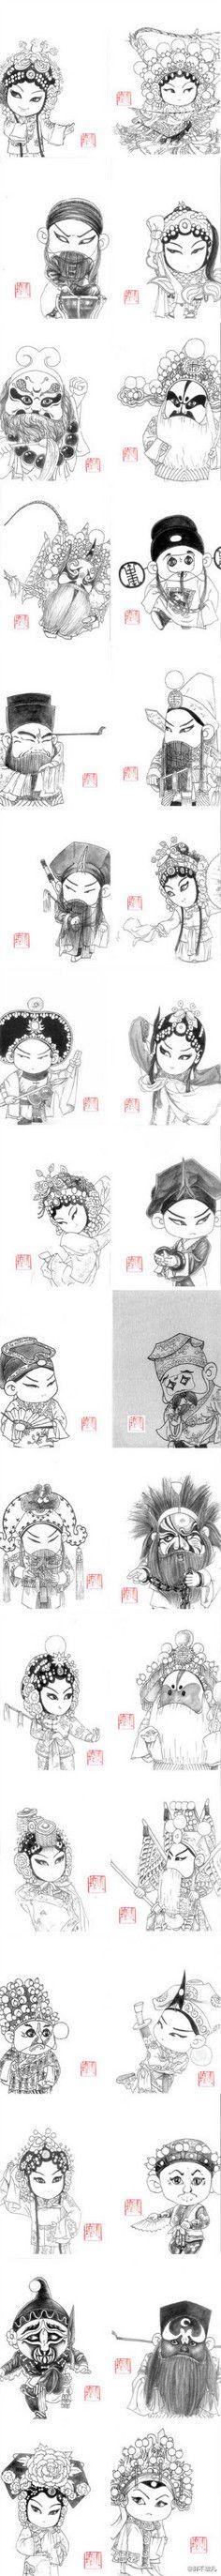 L-Xinp采集到插画